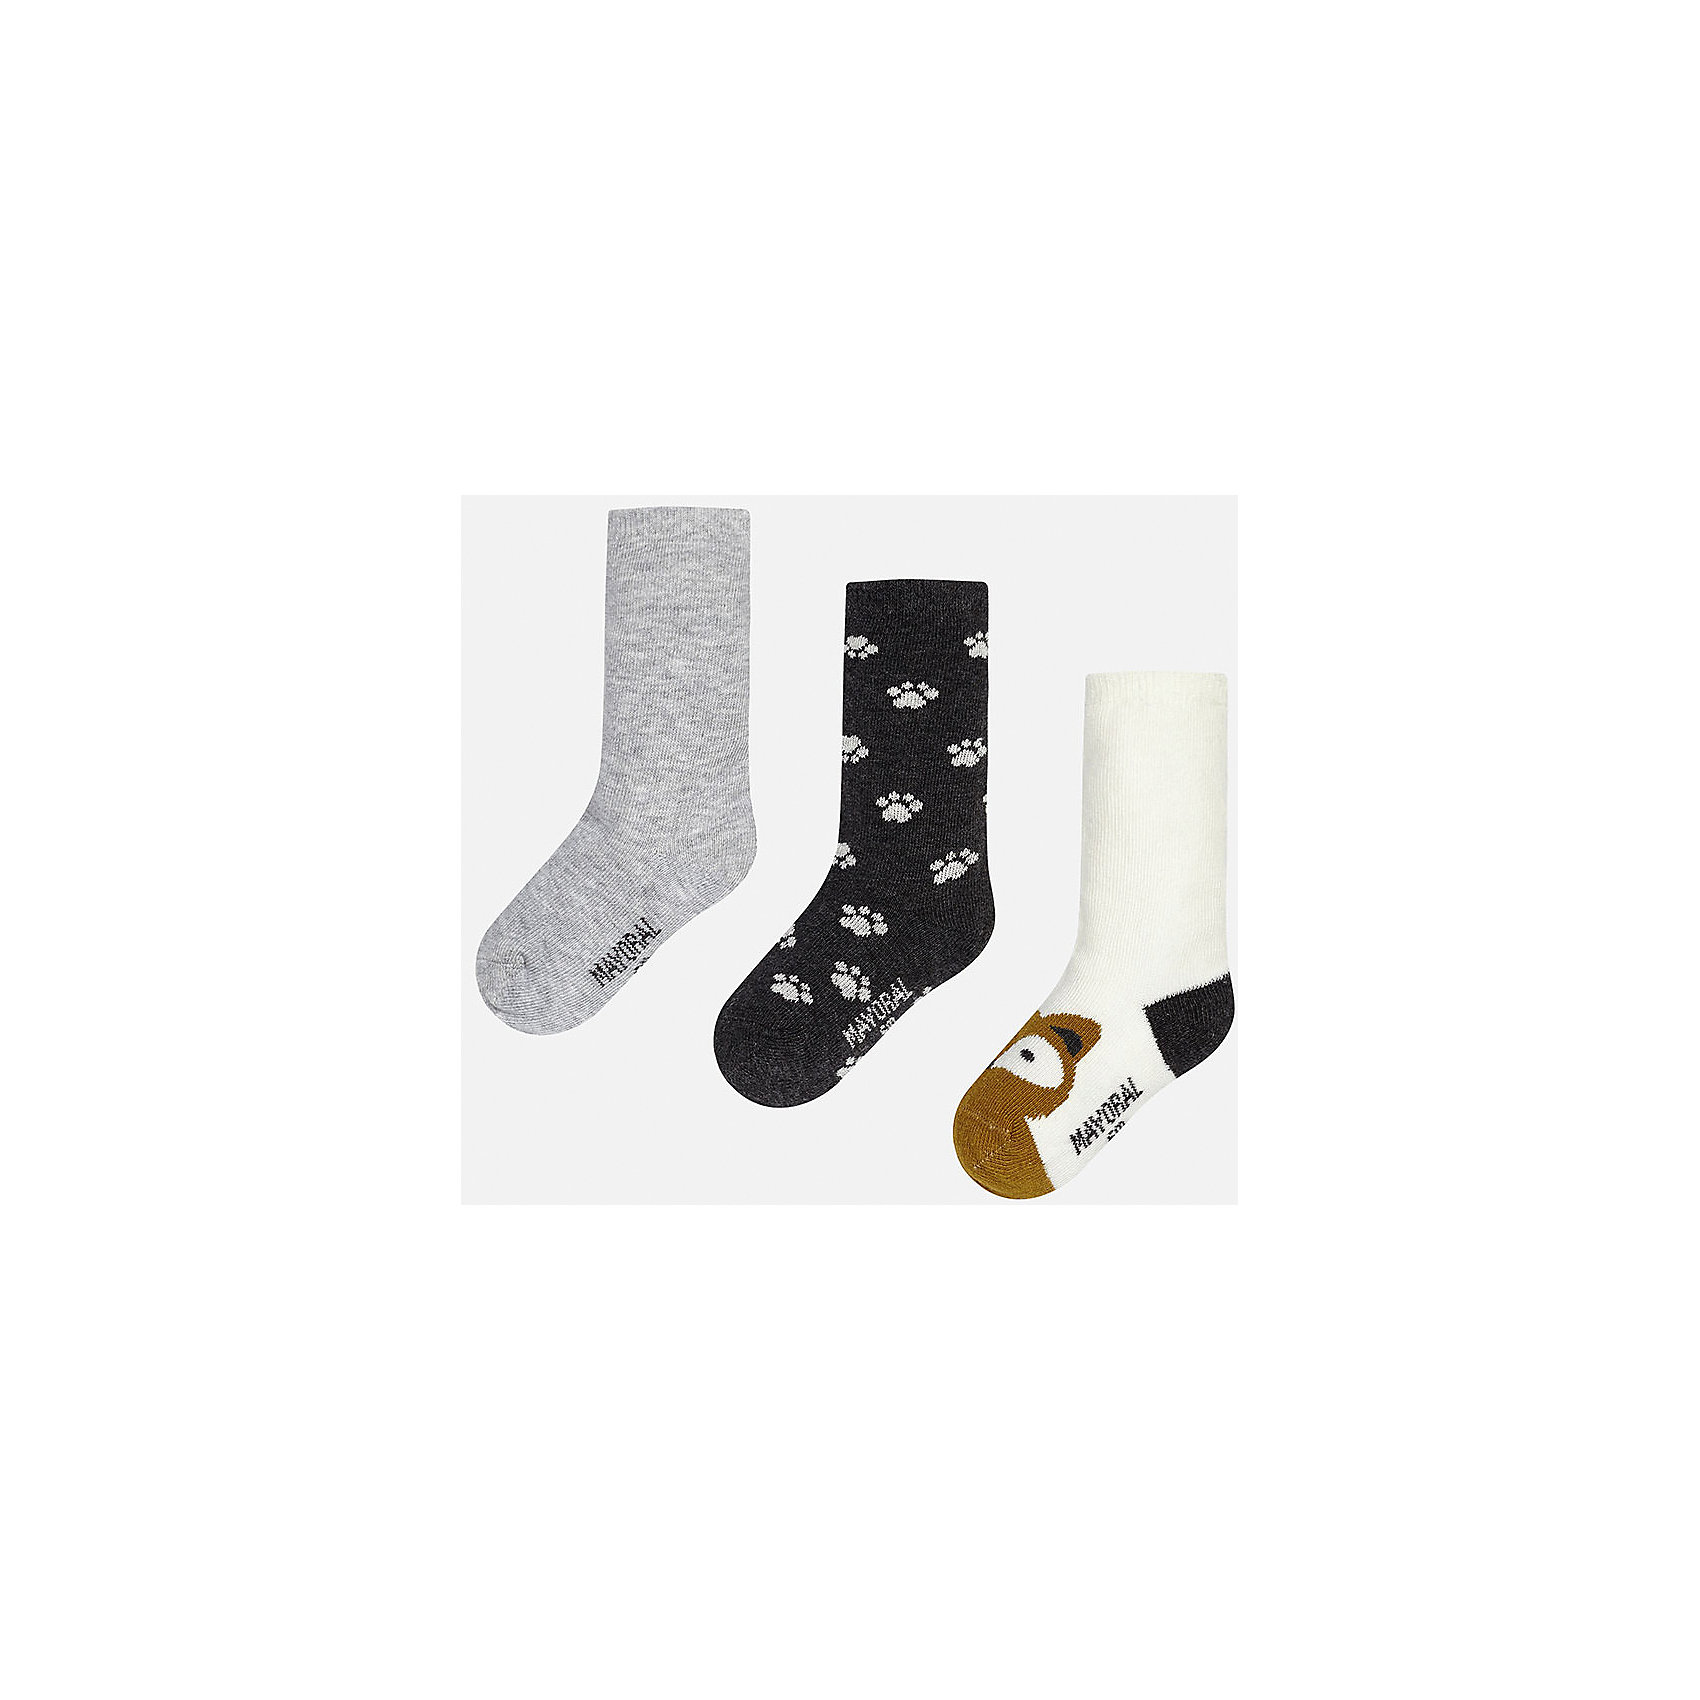 Носки для мальчика, 3 парыНоски<br>Набор из 3 пар носков для мальчиков от известного испанского бренда Mayoral. В комплекте носки разной расцветки: классический серый, черный с рисунком белые лапки, белый с черной пяткой и коричневым носком с рисунком в виде зверюшки. Носки сделаны из специальных дышащих материалов, чтобы ноги ребенка не потели.<br>Дополнительная информация:<br>-разная расцветка<br>-состав: 72% хлопок, 25% полиамид, 3% эластан<br>Комплект носков Mayoral можно приобрести в нашем интернет-магазине.<br><br>Ширина мм: 87<br>Глубина мм: 10<br>Высота мм: 105<br>Вес г: 115<br>Цвет: серый<br>Возраст от месяцев: 18<br>Возраст до месяцев: 24<br>Пол: Мужской<br>Возраст: Детский<br>Размер: 2,1<br>SKU: 4820038